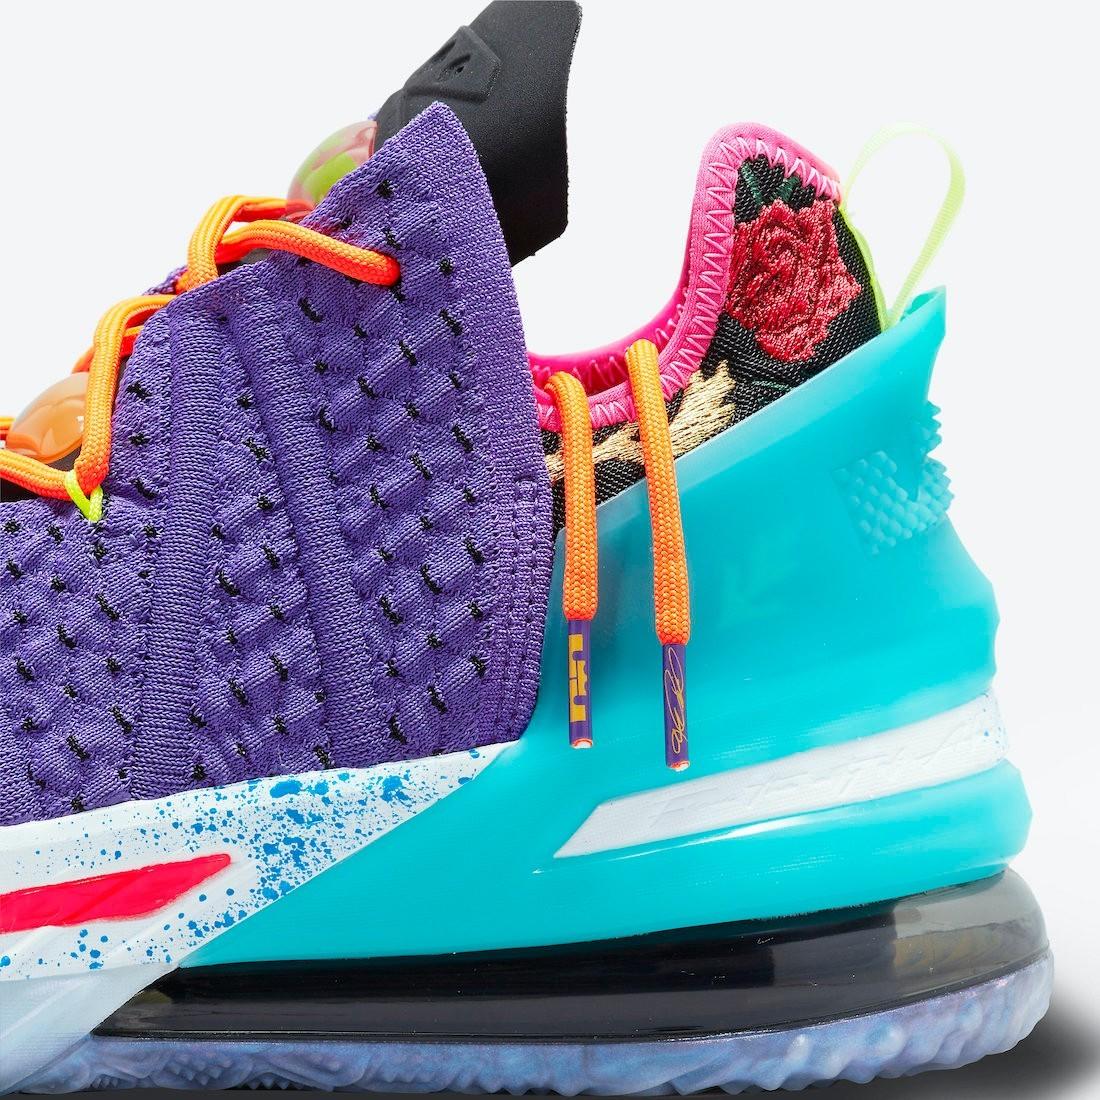 发售提醒,Yeezy,AJ,李宁,惟吾  本周 8 双新鞋发售!AJ、Yeezy、惟吾、韦德之道全都有!